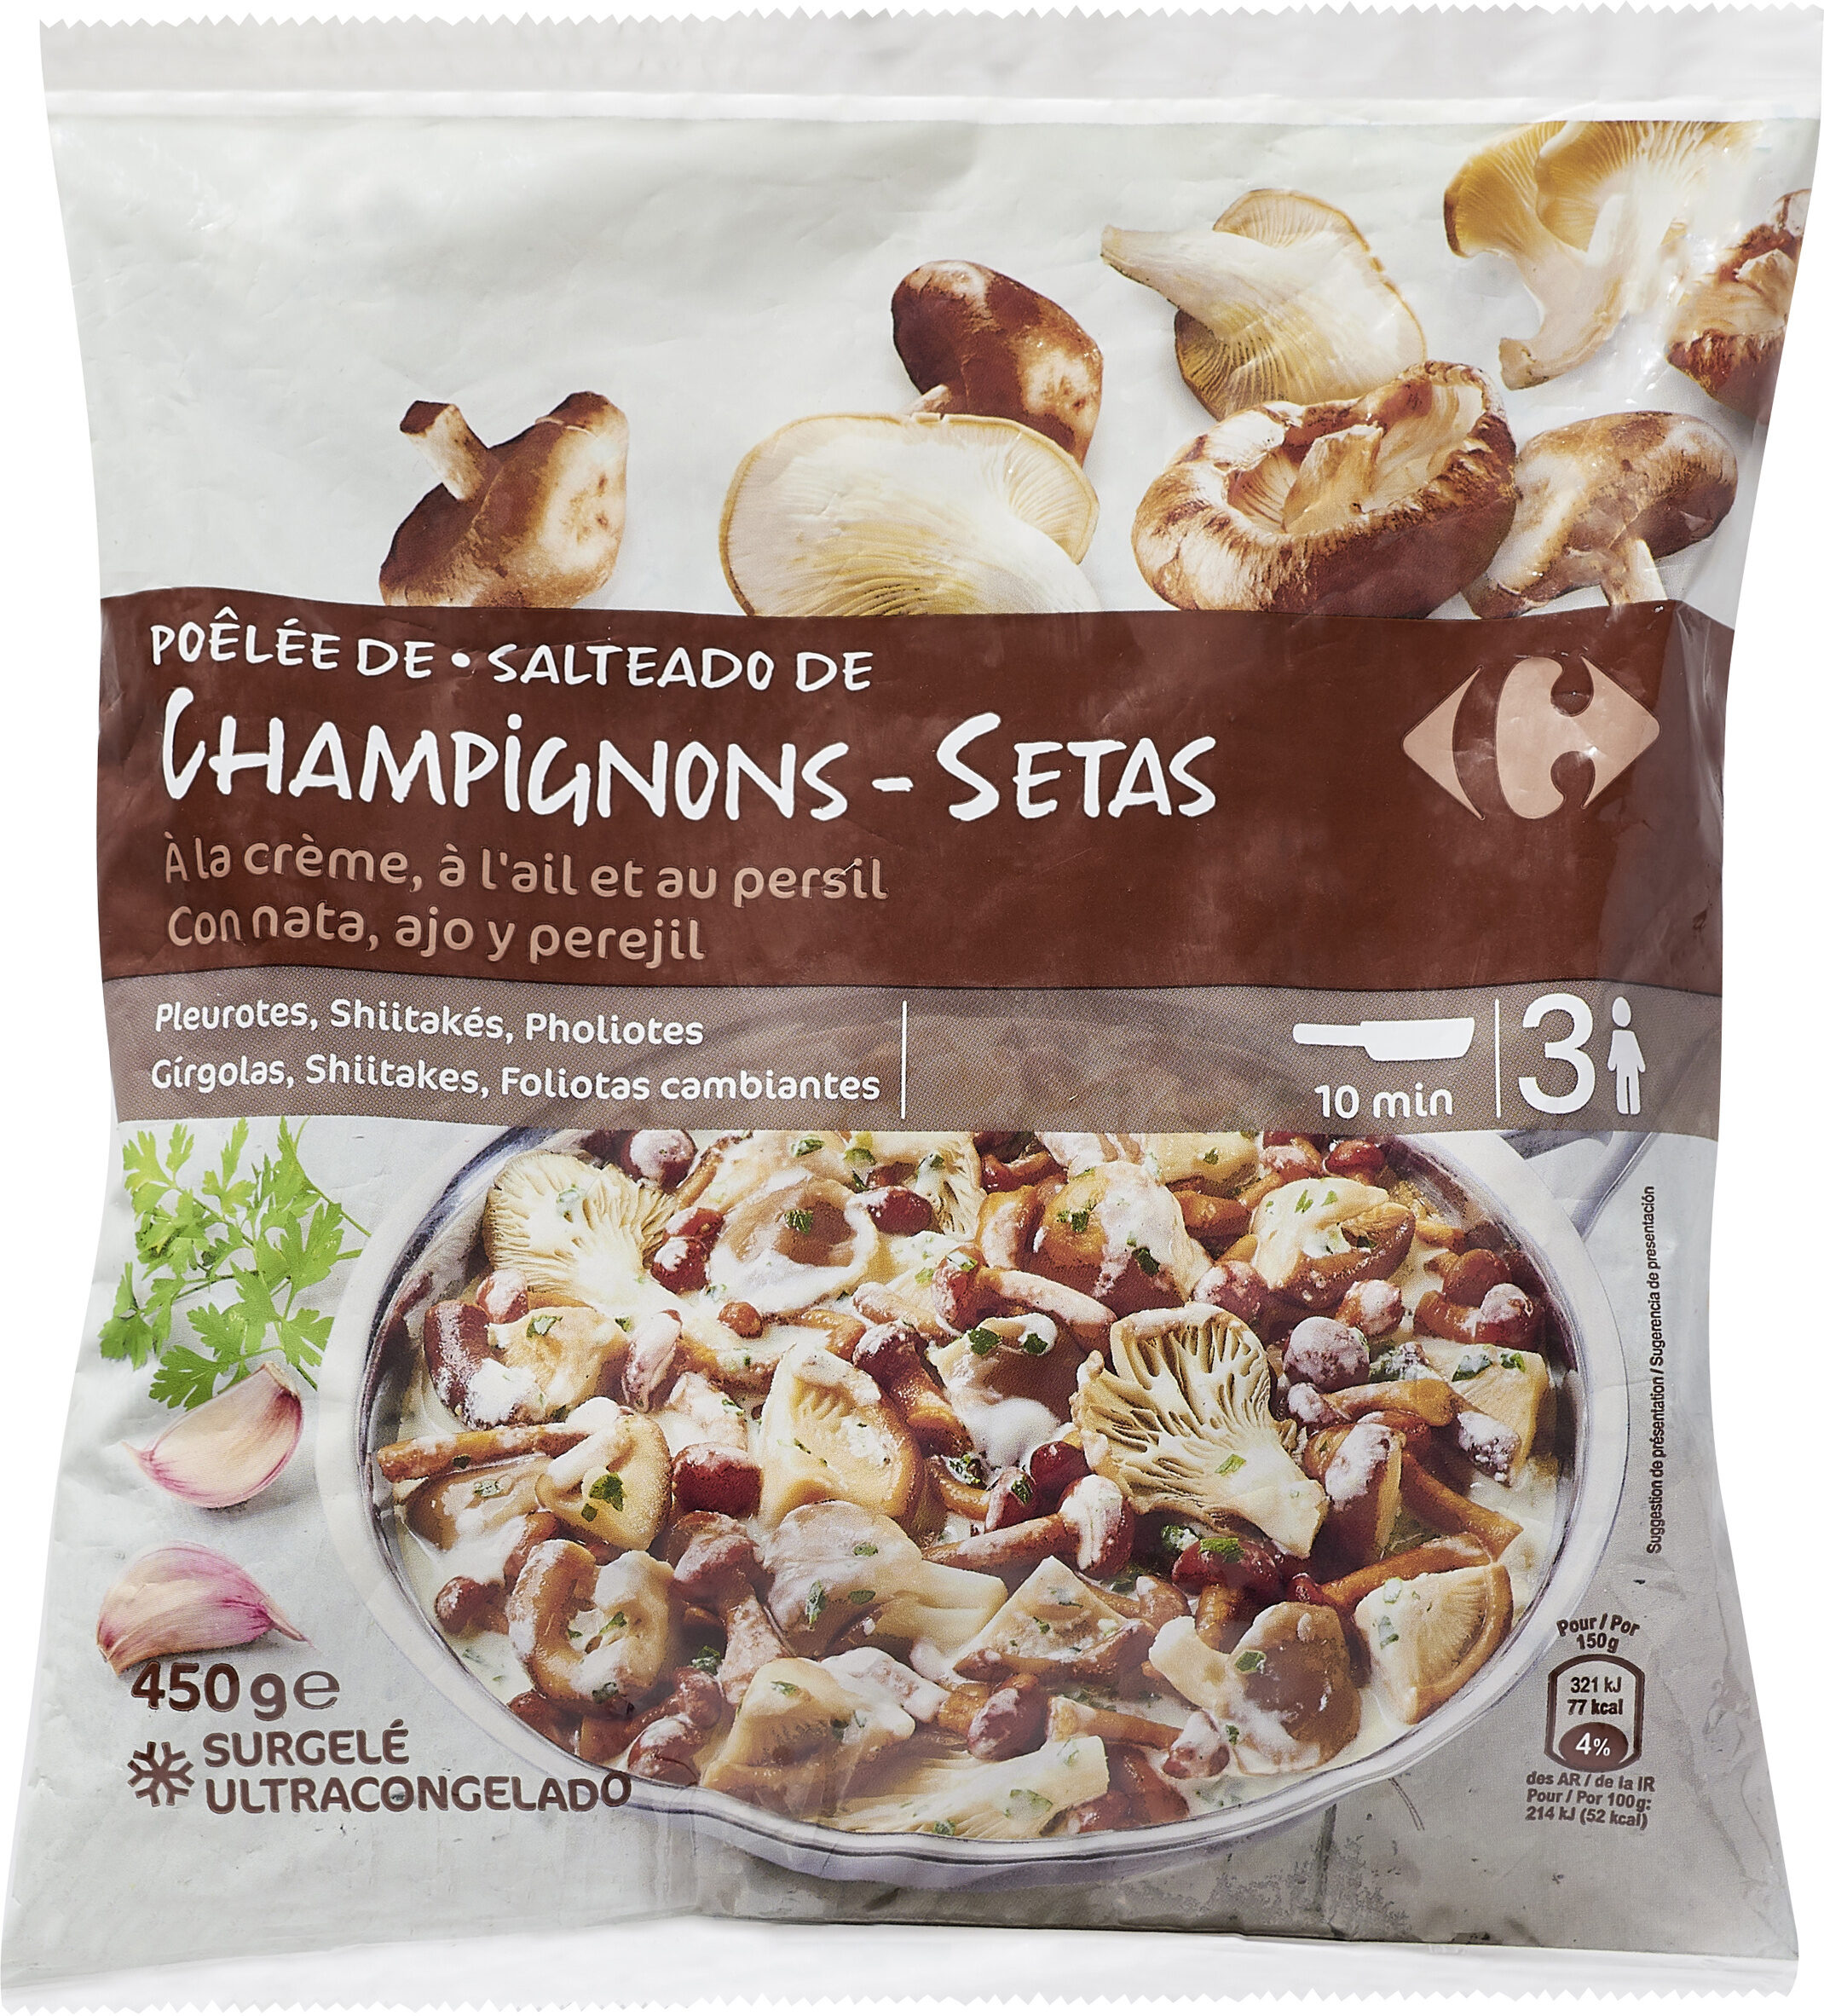 Poêlée de champignons A la crème, à l'ail et au persil - Product - fr